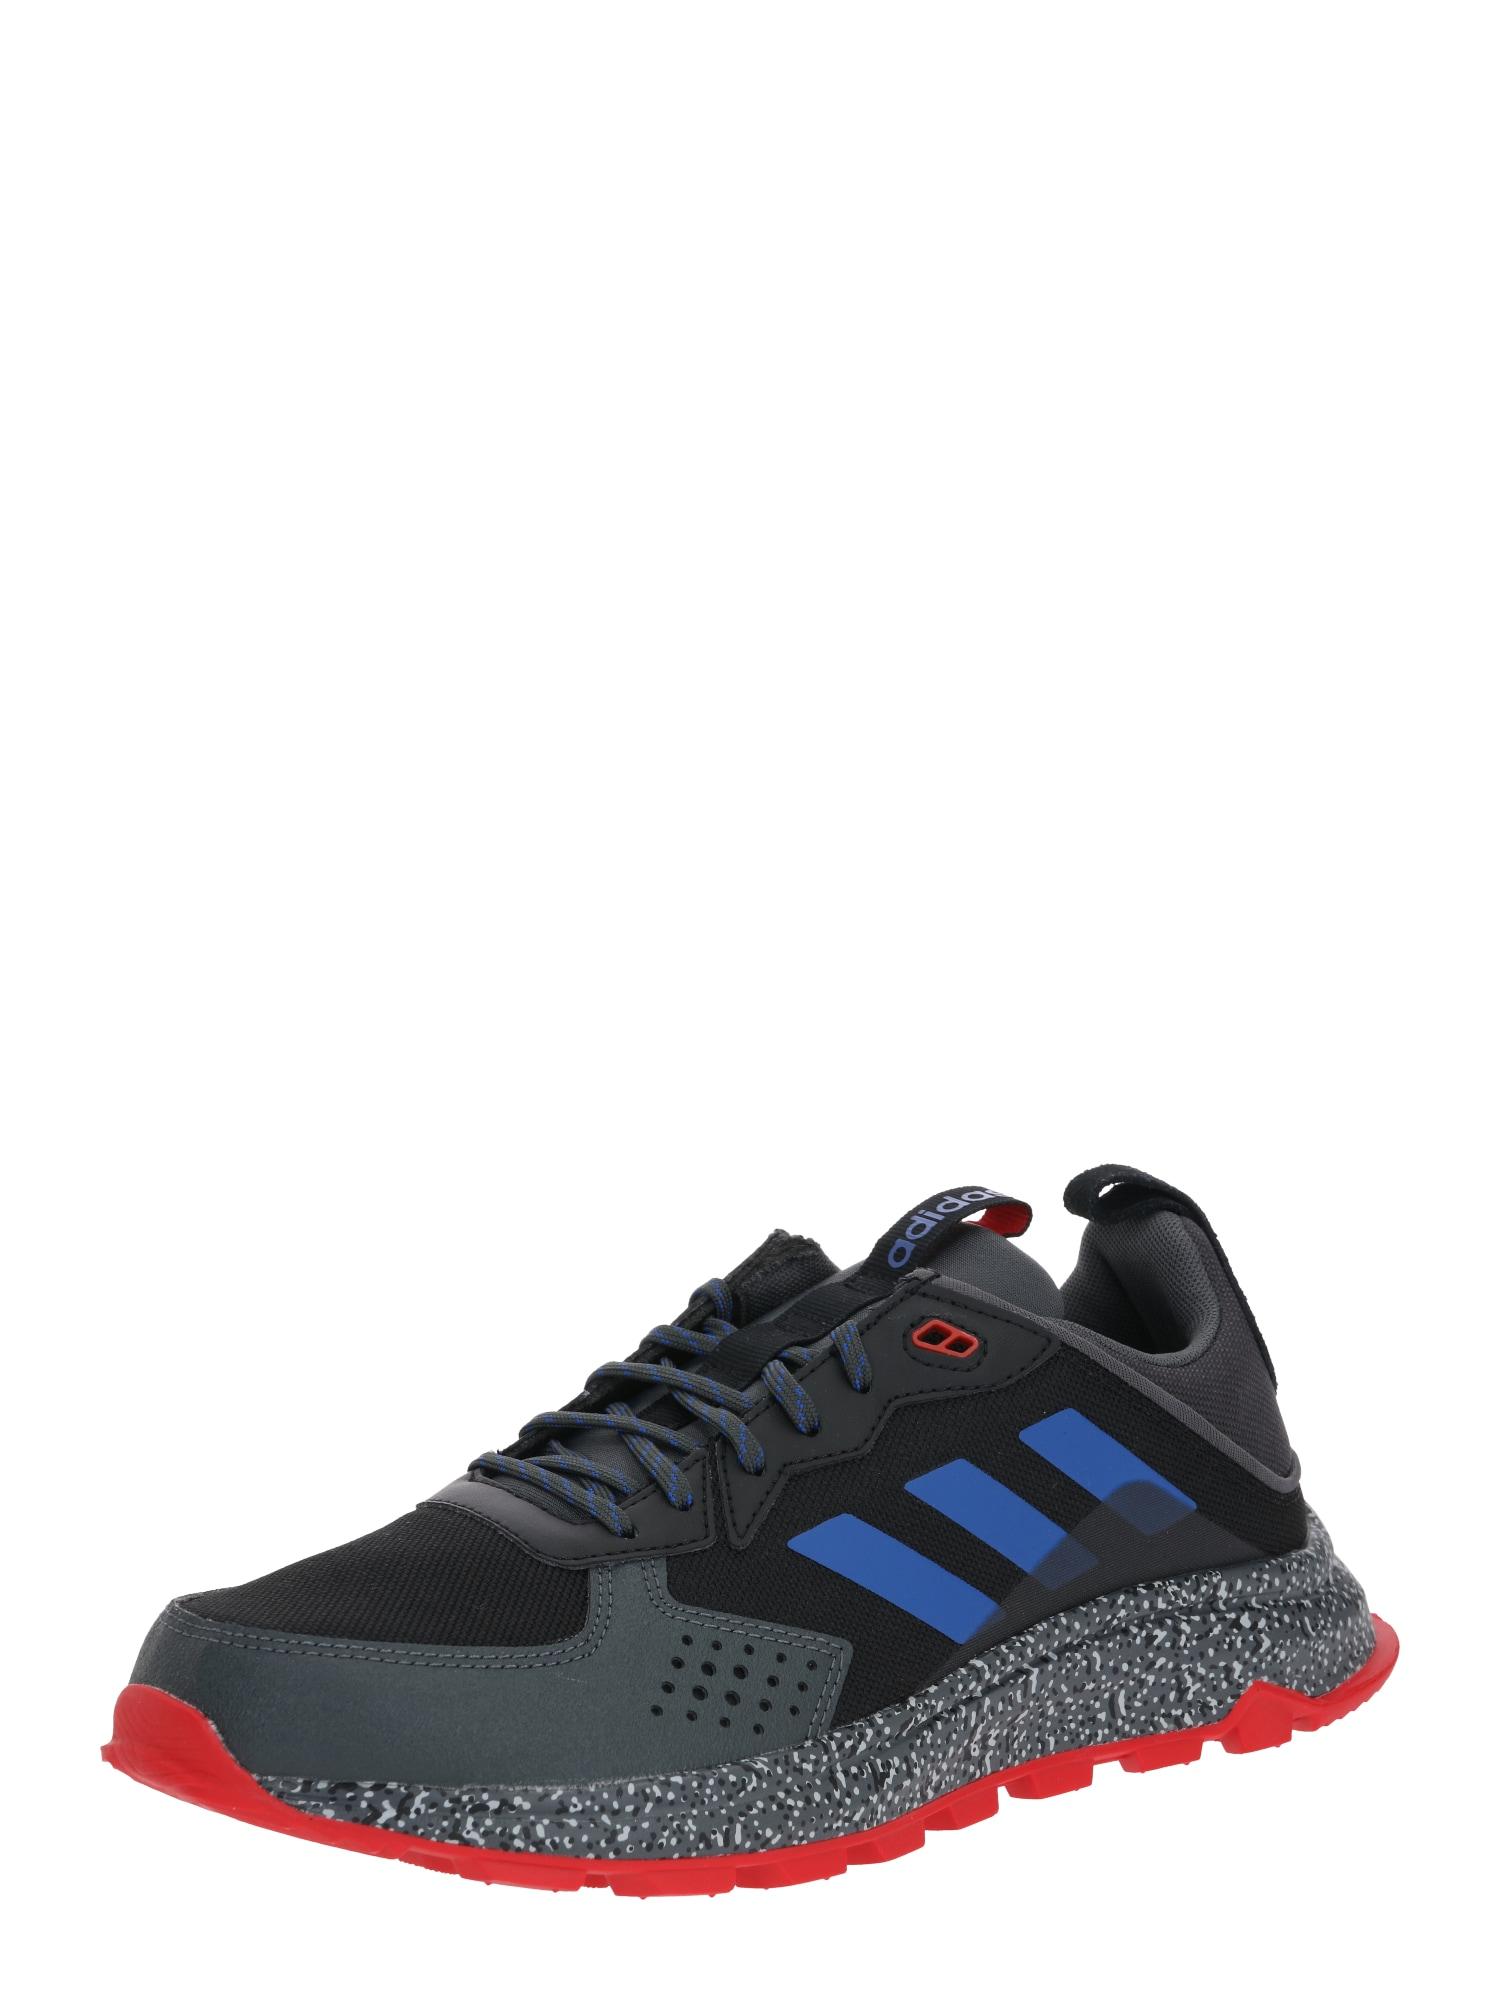 ADIDAS PERFORMANCE Bėgimo batai 'RESPONSE TRAIL' raudona / tamsiai pilka / mėlyna